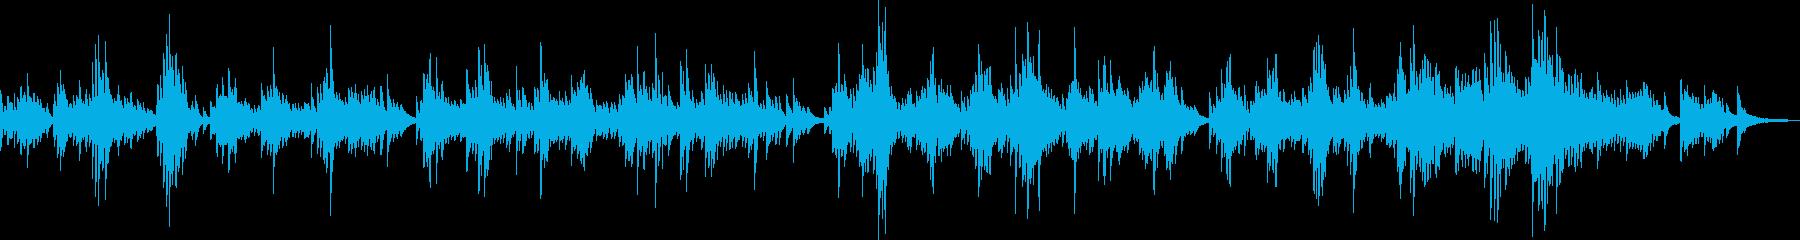 感動的なピアノバラード(温かい・優しい)の再生済みの波形